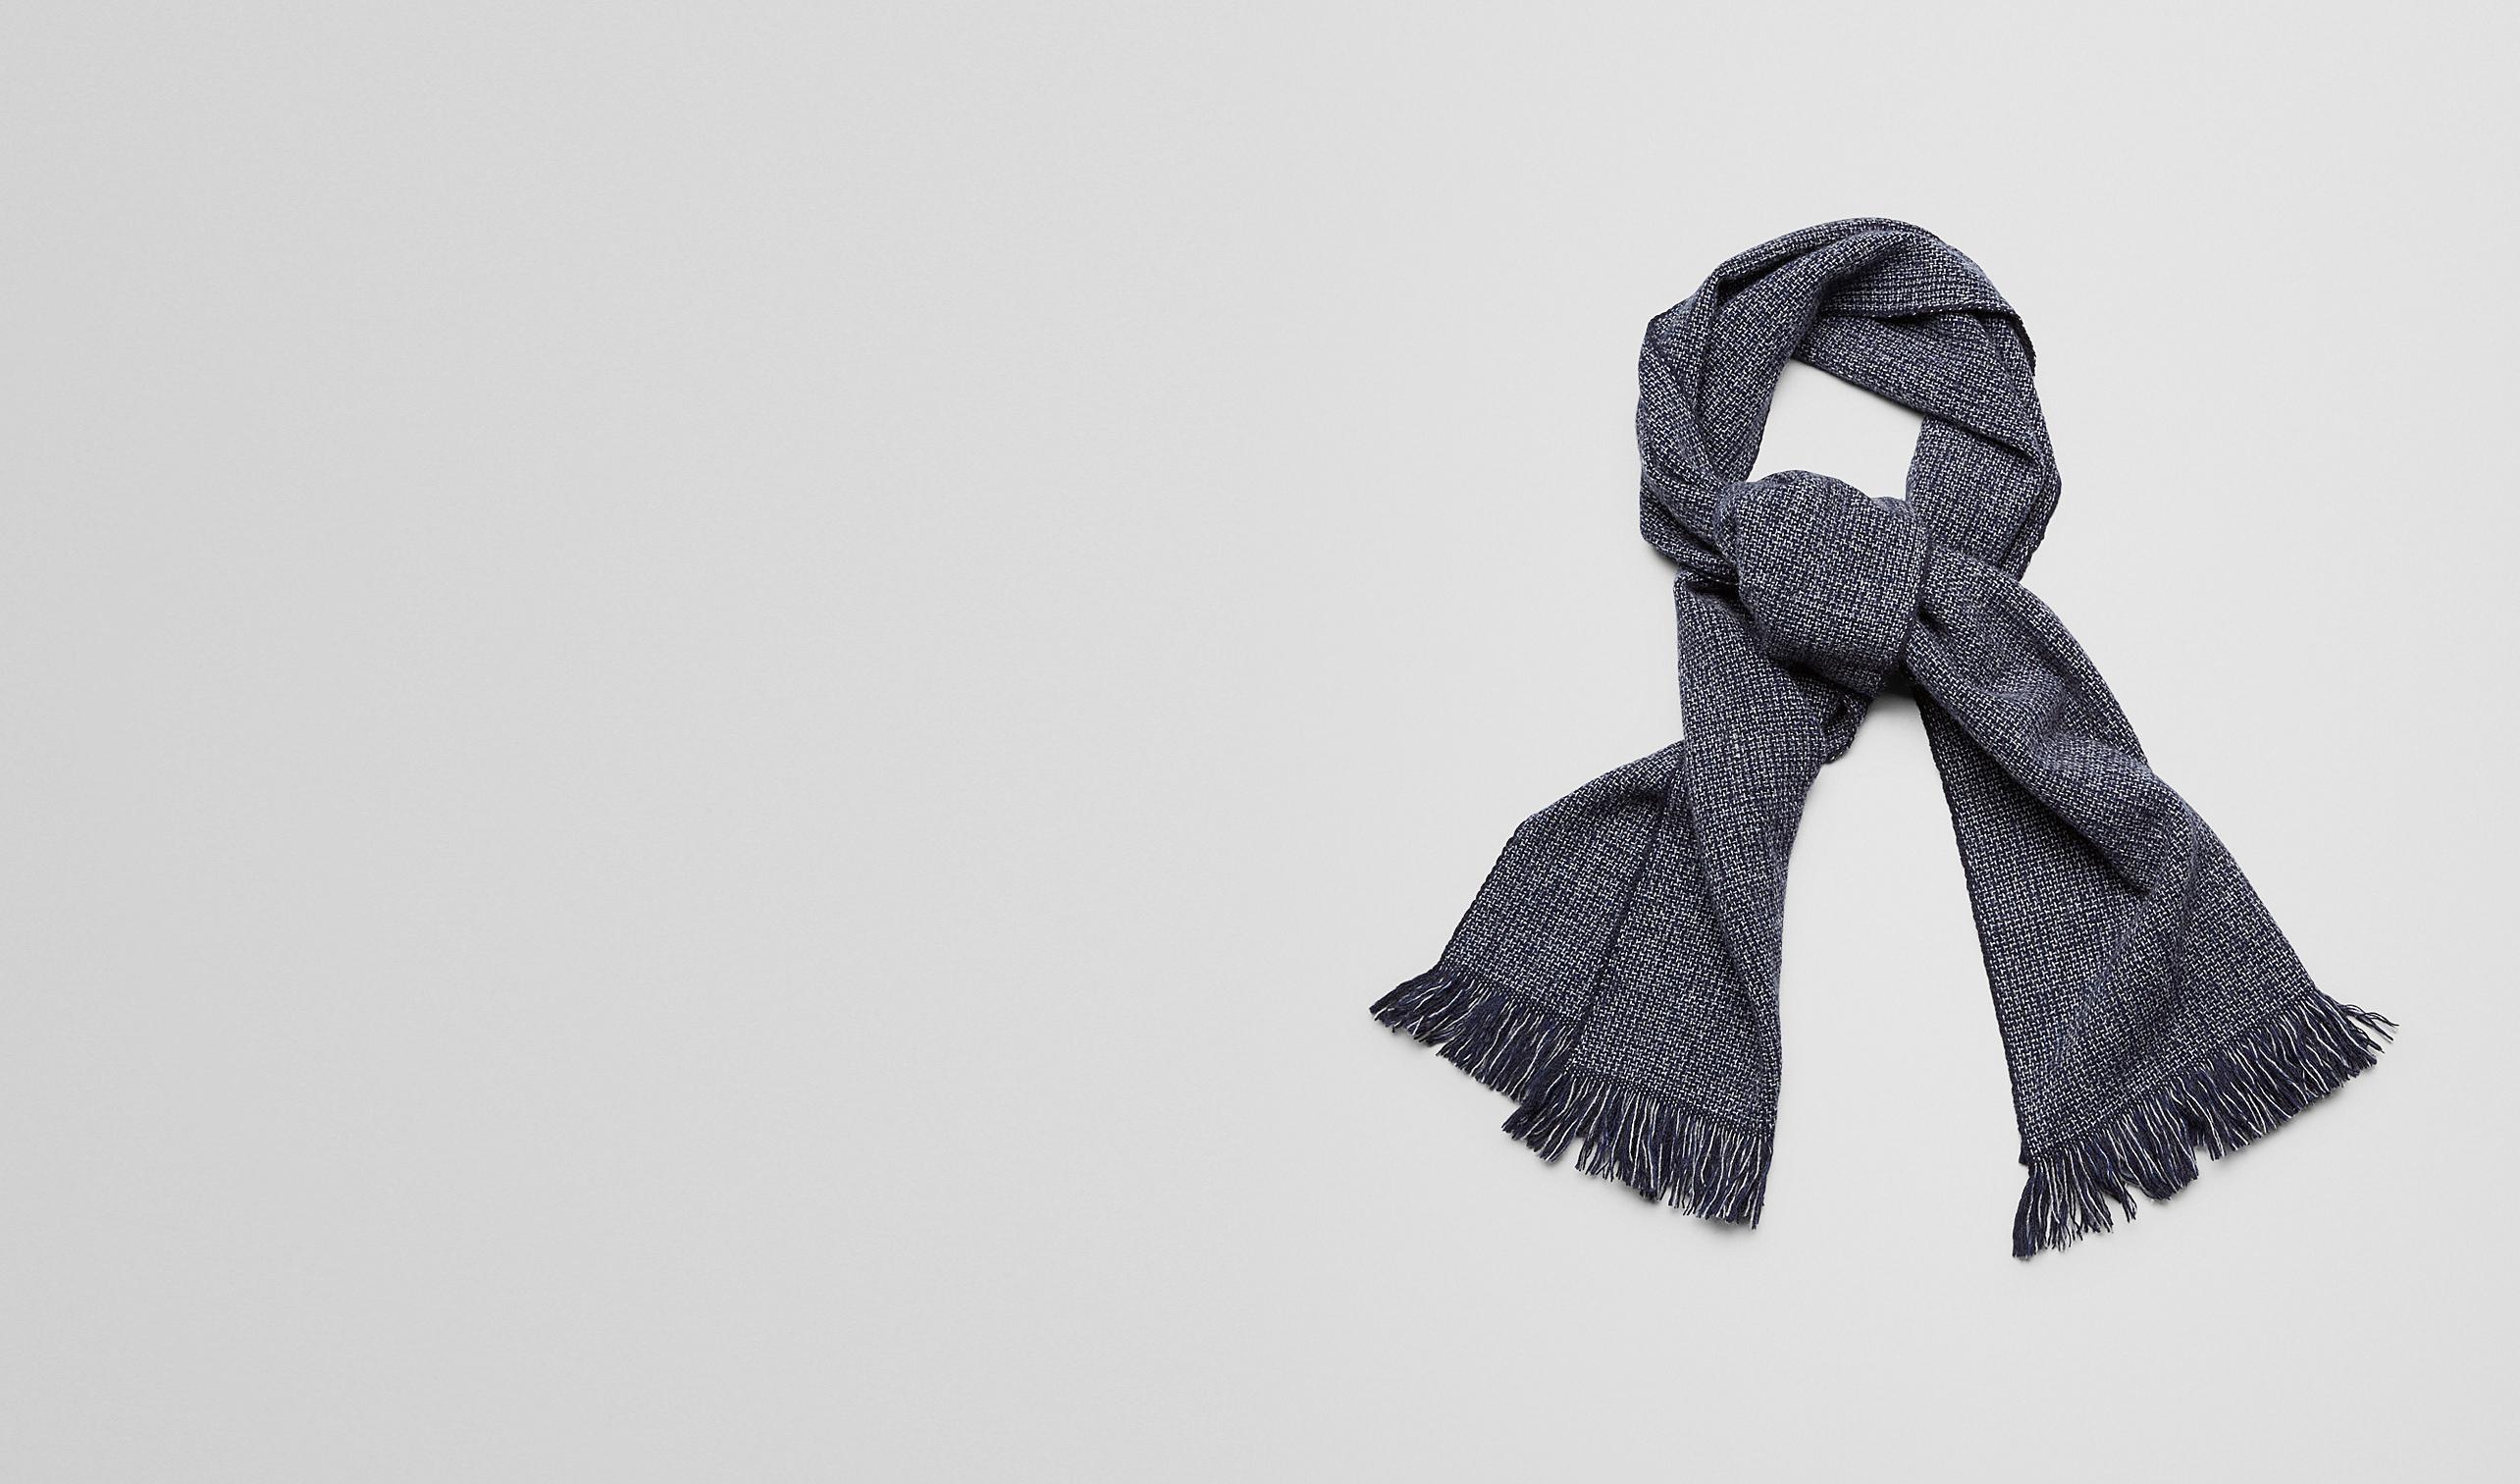 BOTTEGA VENETA Schal oder Hut oder Handschuhe U SCHAL AUS WOLLE UND KASCHMIR ANTHRACITE UND BLUE pl